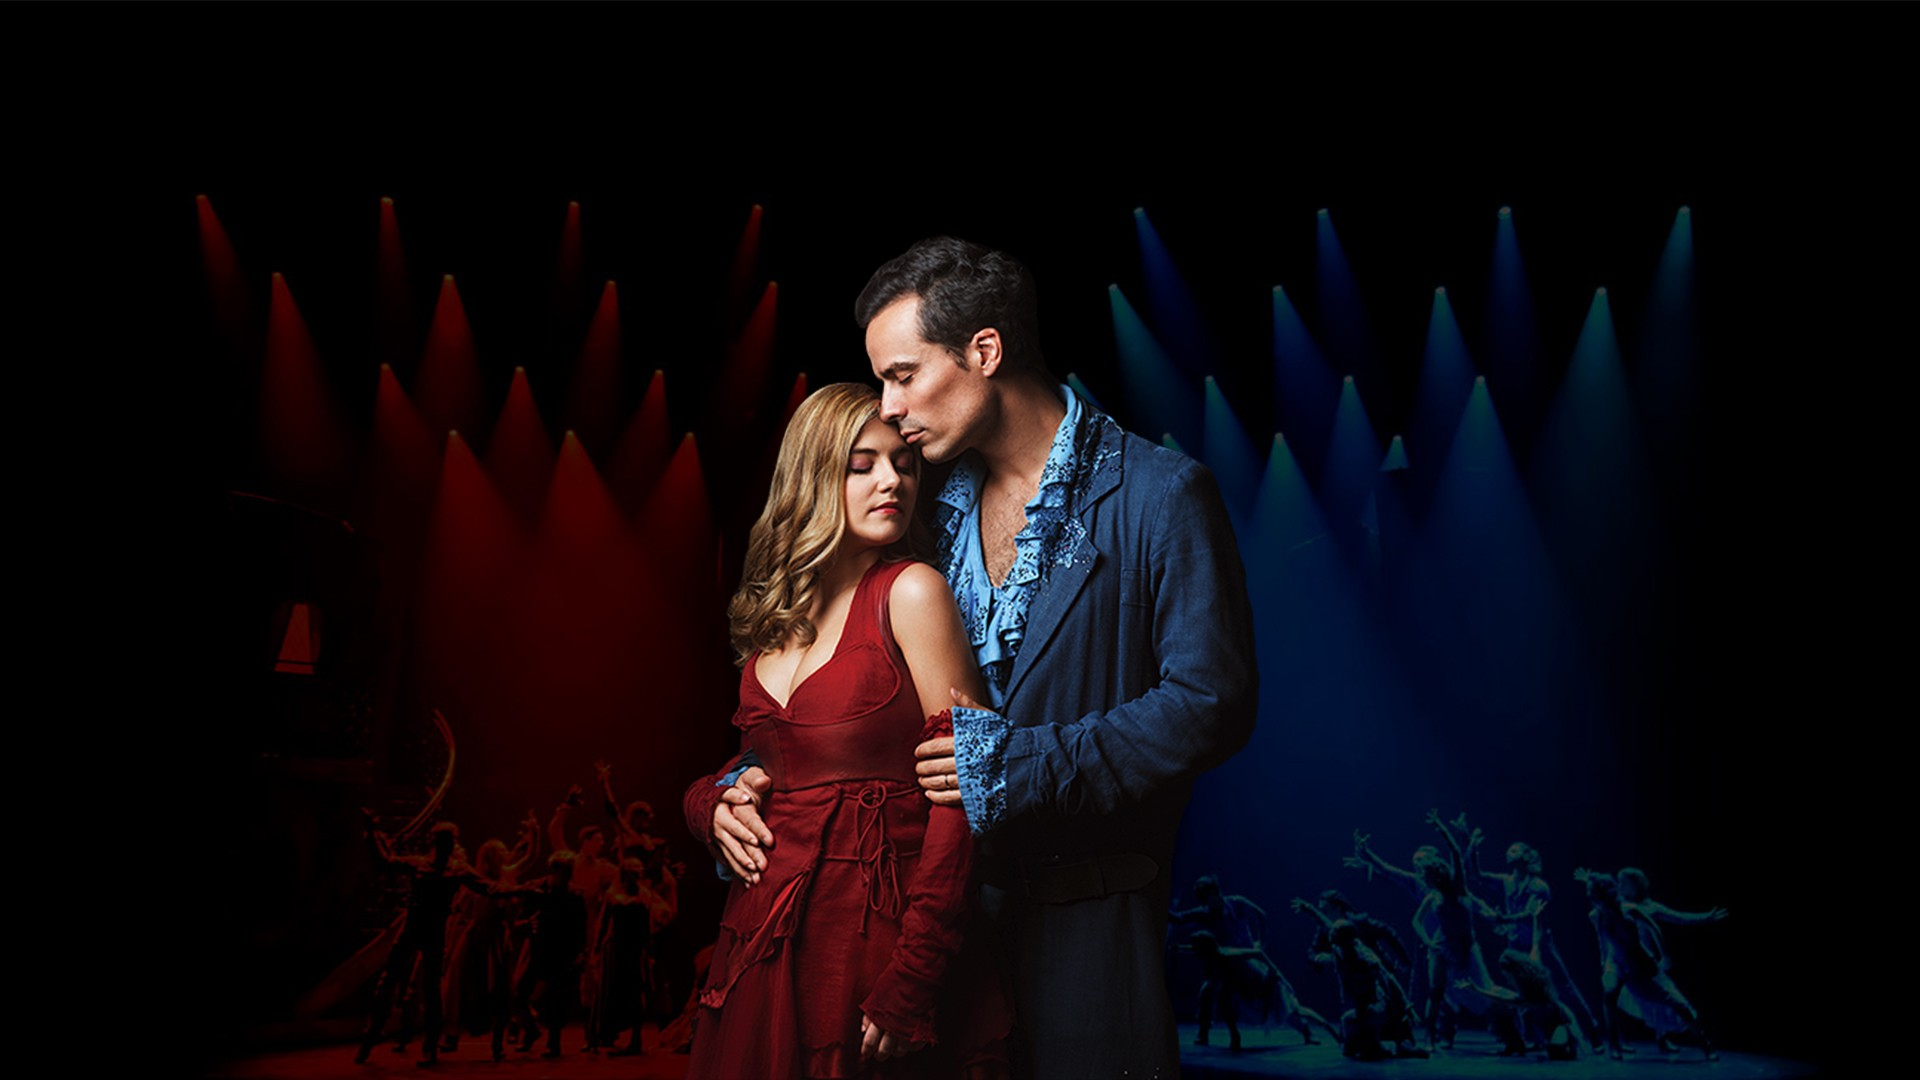 """Мюзикл """"Ромео и Джульетта"""" (Romeo & Juliette)"""